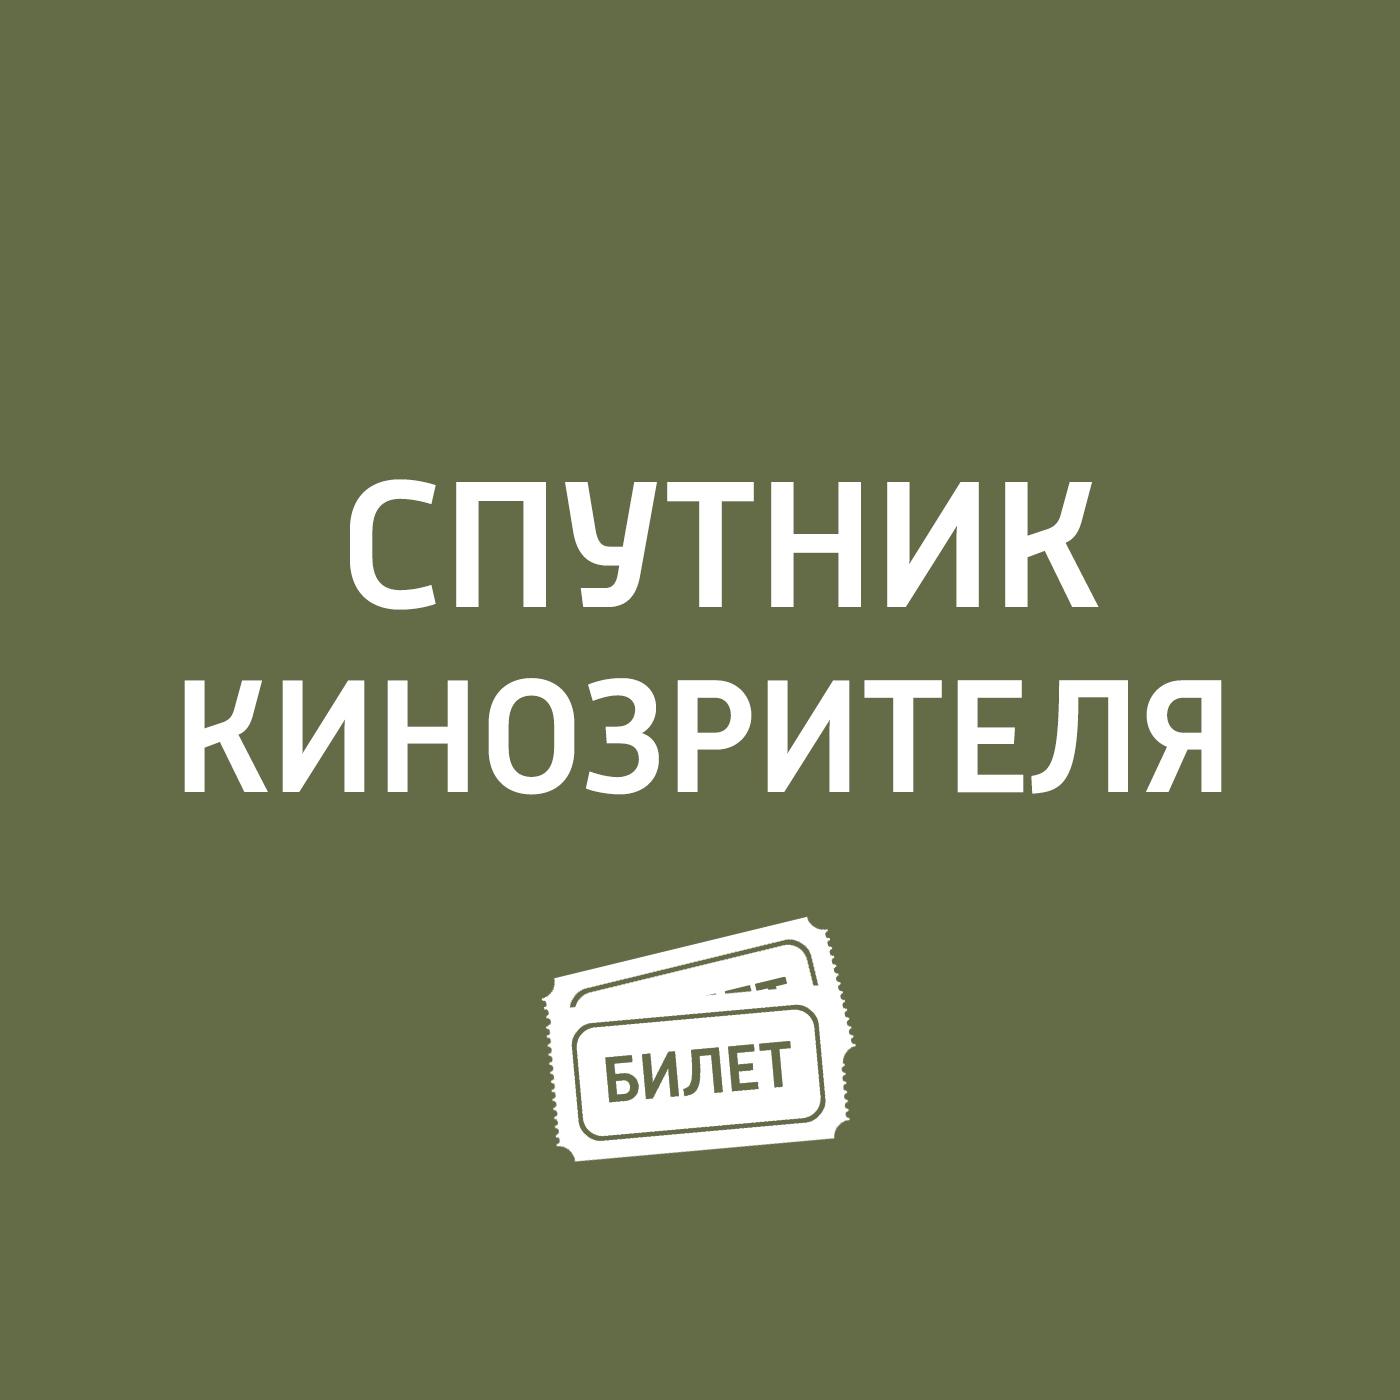 Антон Долин Памяти Олега Табакова: Всегда разный и всегда узнаваемый